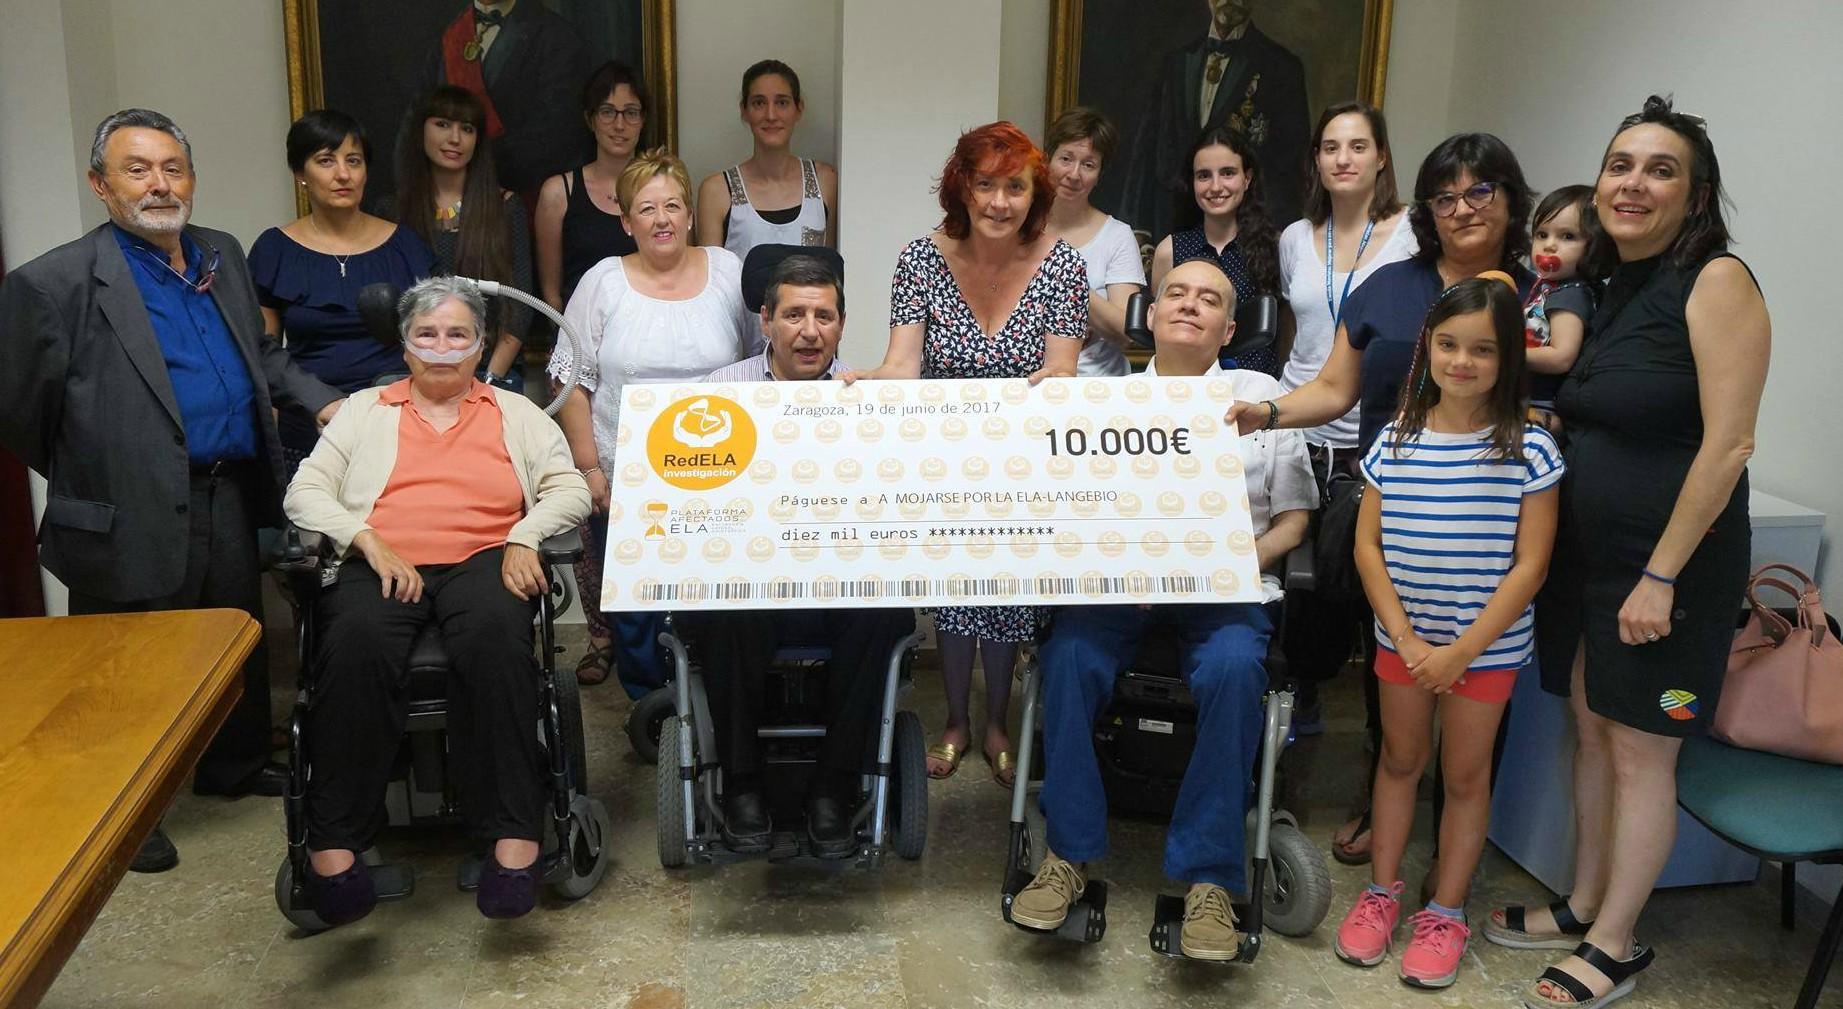 RedELA dona 10.000€ a un proyecto de investigación de la Universidad de Zaragoza